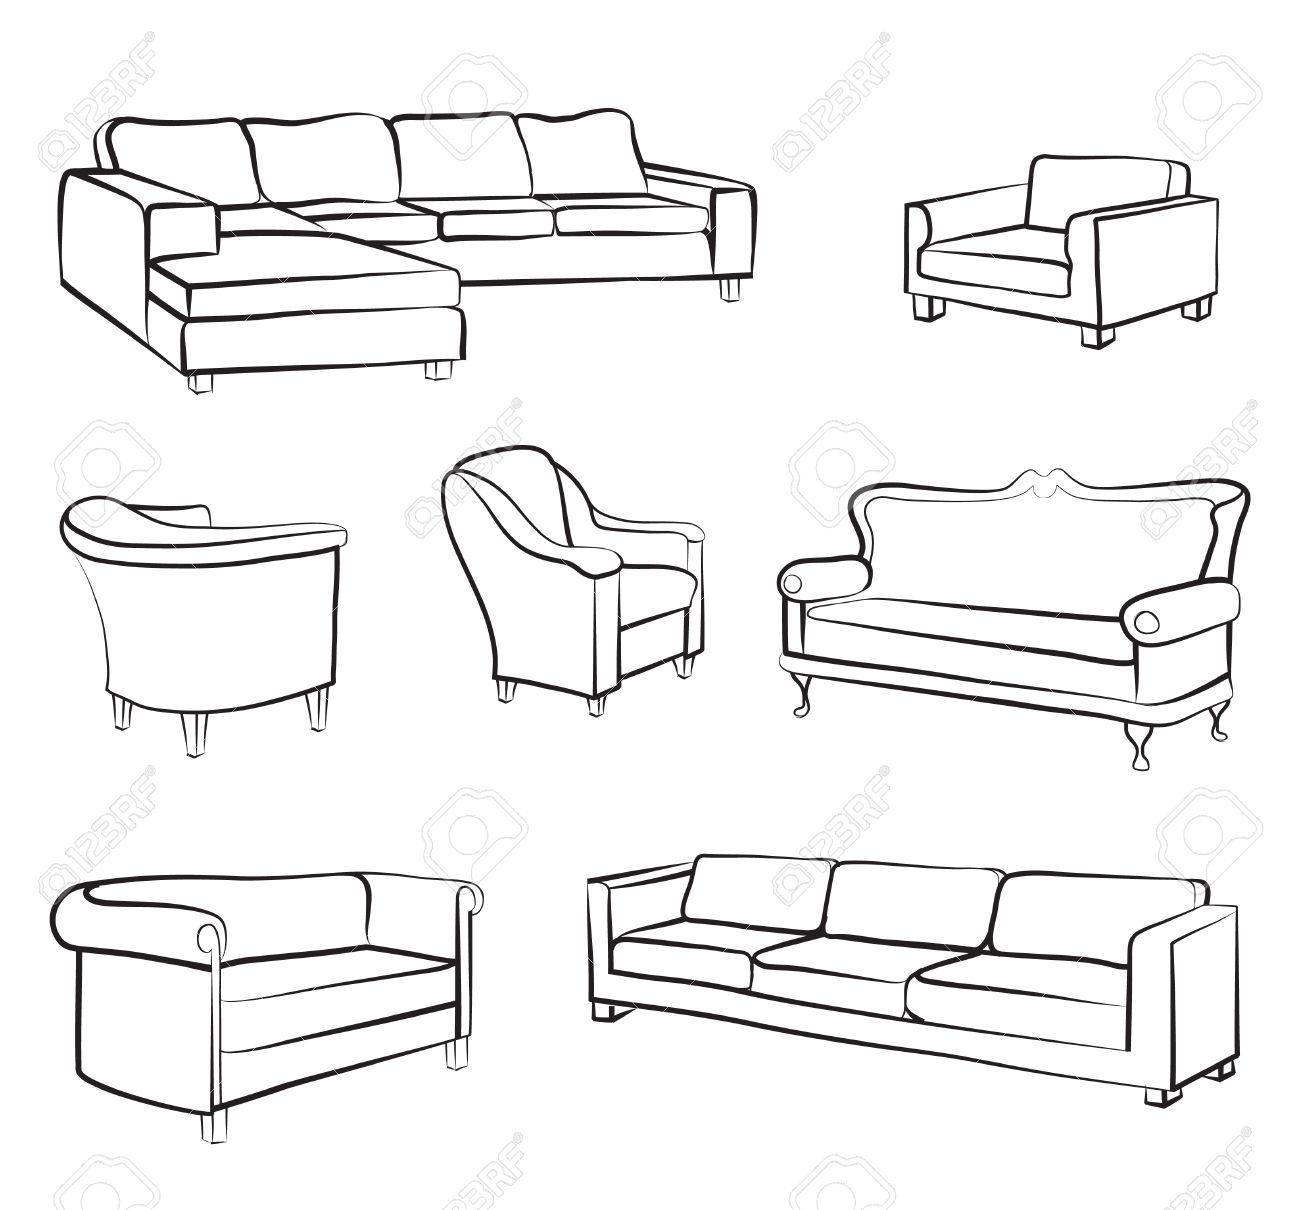 Bett strichzeichnung  Ausgefallene Möbel | jject.info